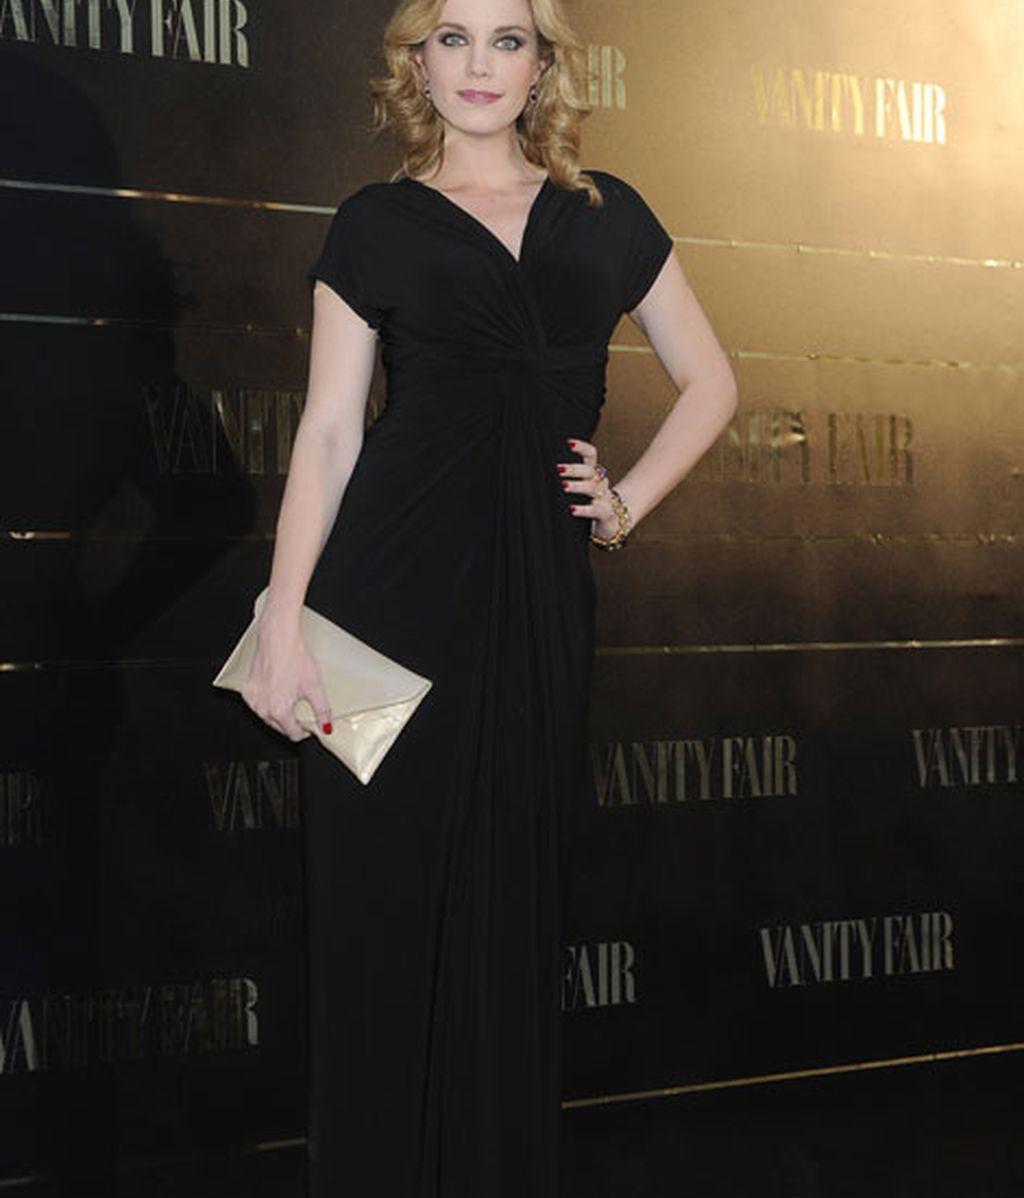 La actriz Carolina Bang, también en la fiesta de la revista ¡Vanity Fair'